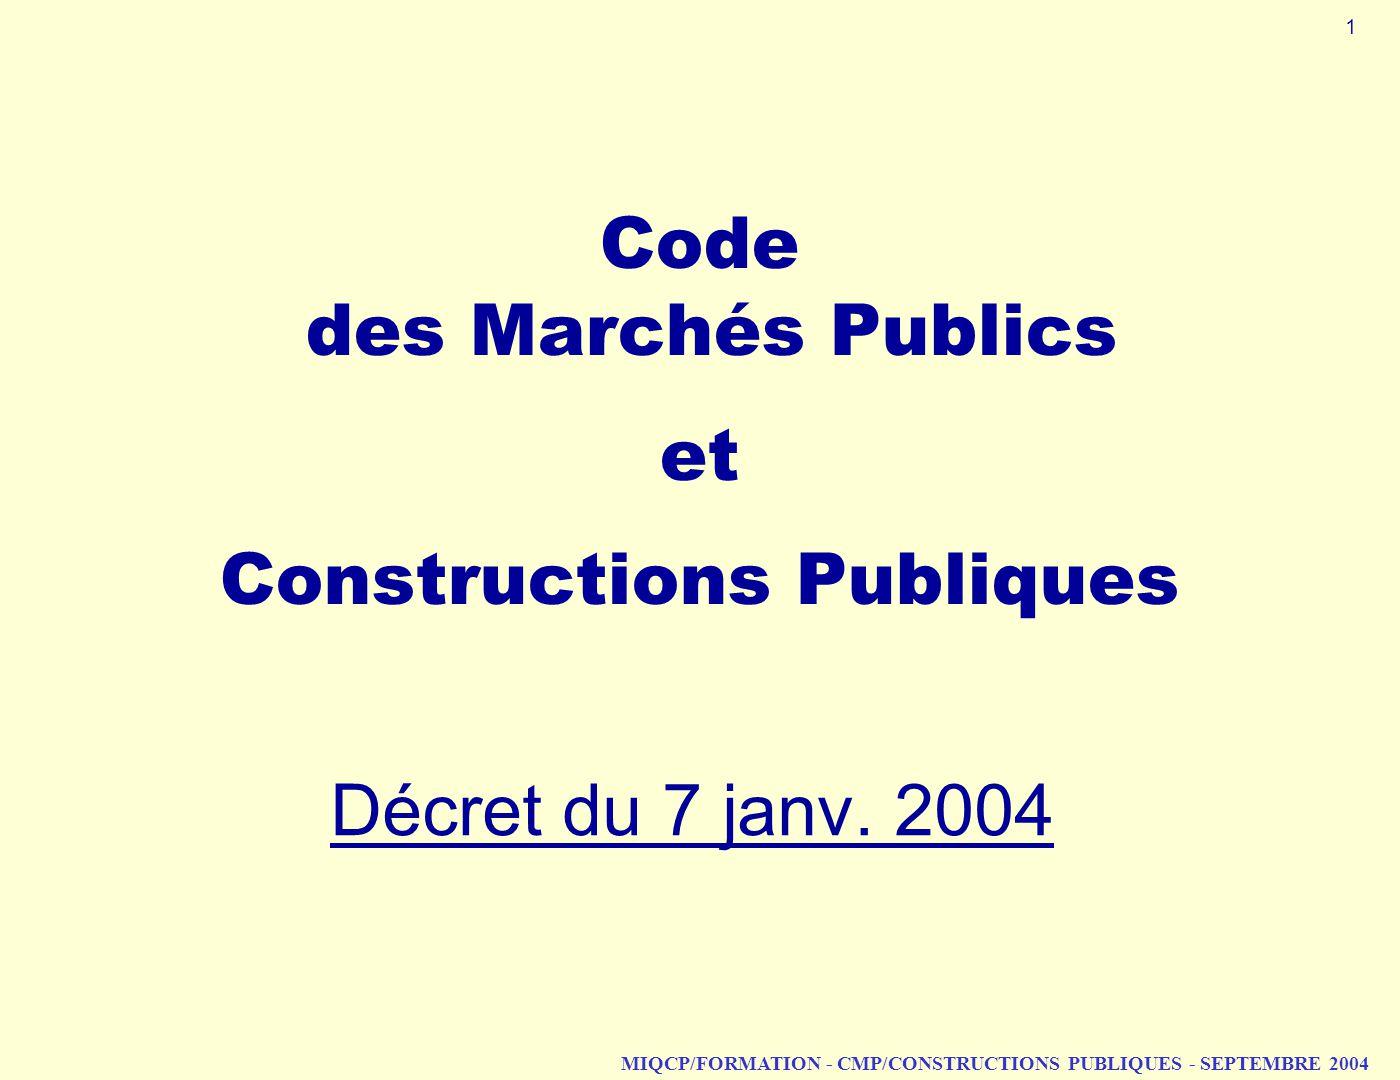 MIQCP/FORMATION - CMP/CONSTRUCTIONS PUBLIQUES - SEPTEMBRE 2004 Code des Marchés Publics et Constructions Publiques Décret du 7 janv. 2004 1